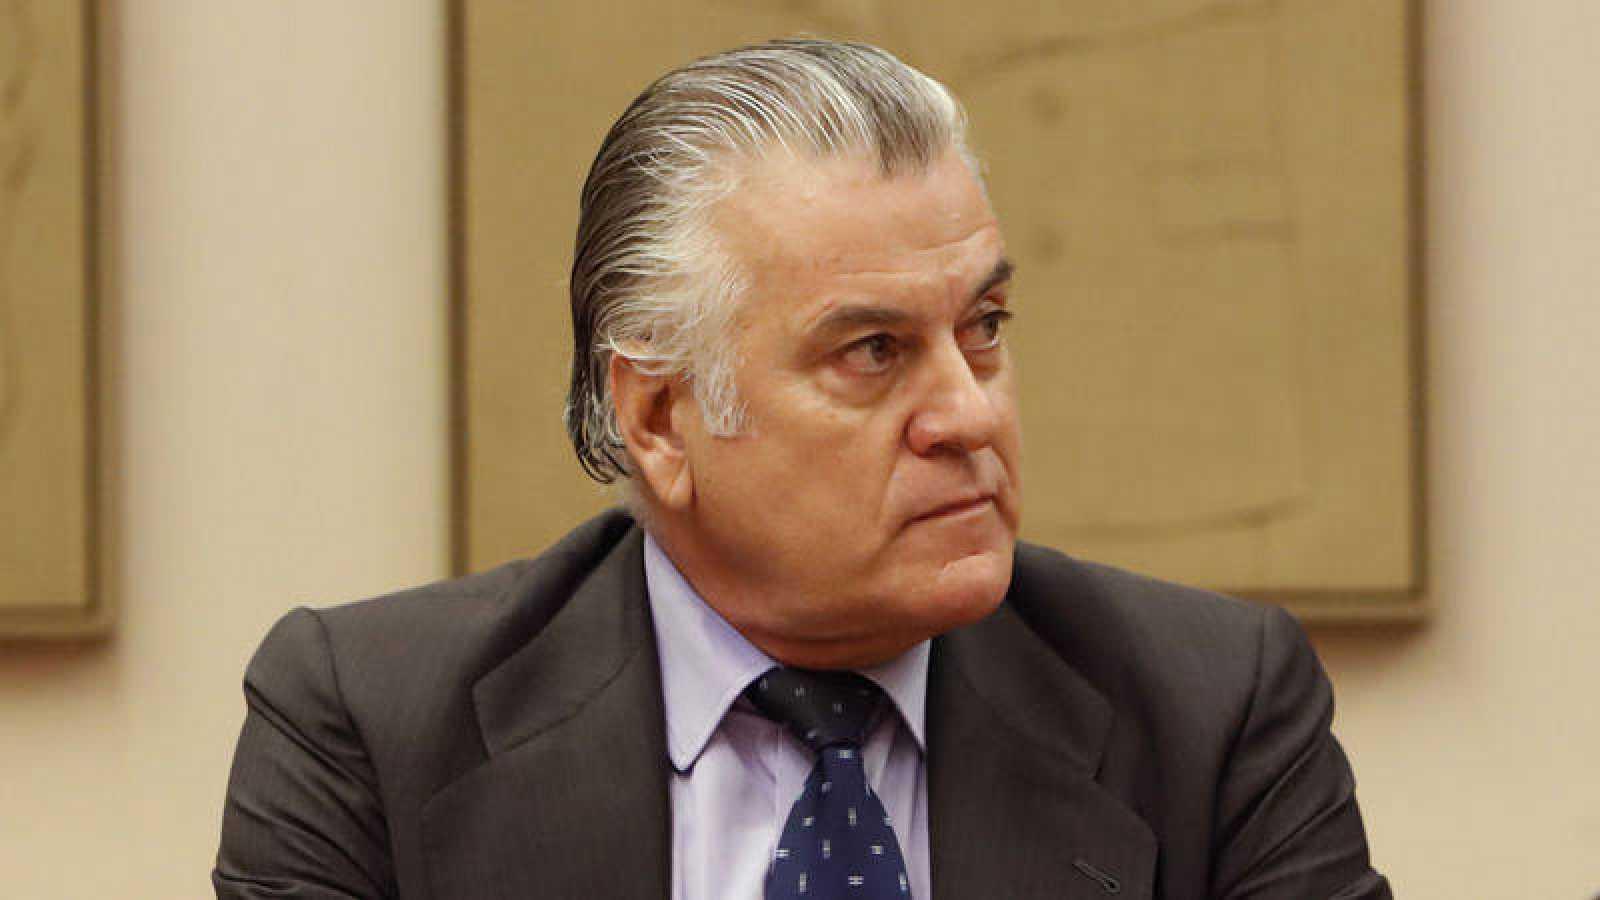 El extesorero del PP Luis Bárcenas durante su comparecencia en la comisión de investigación de la supuesta financiación ilegal del PP